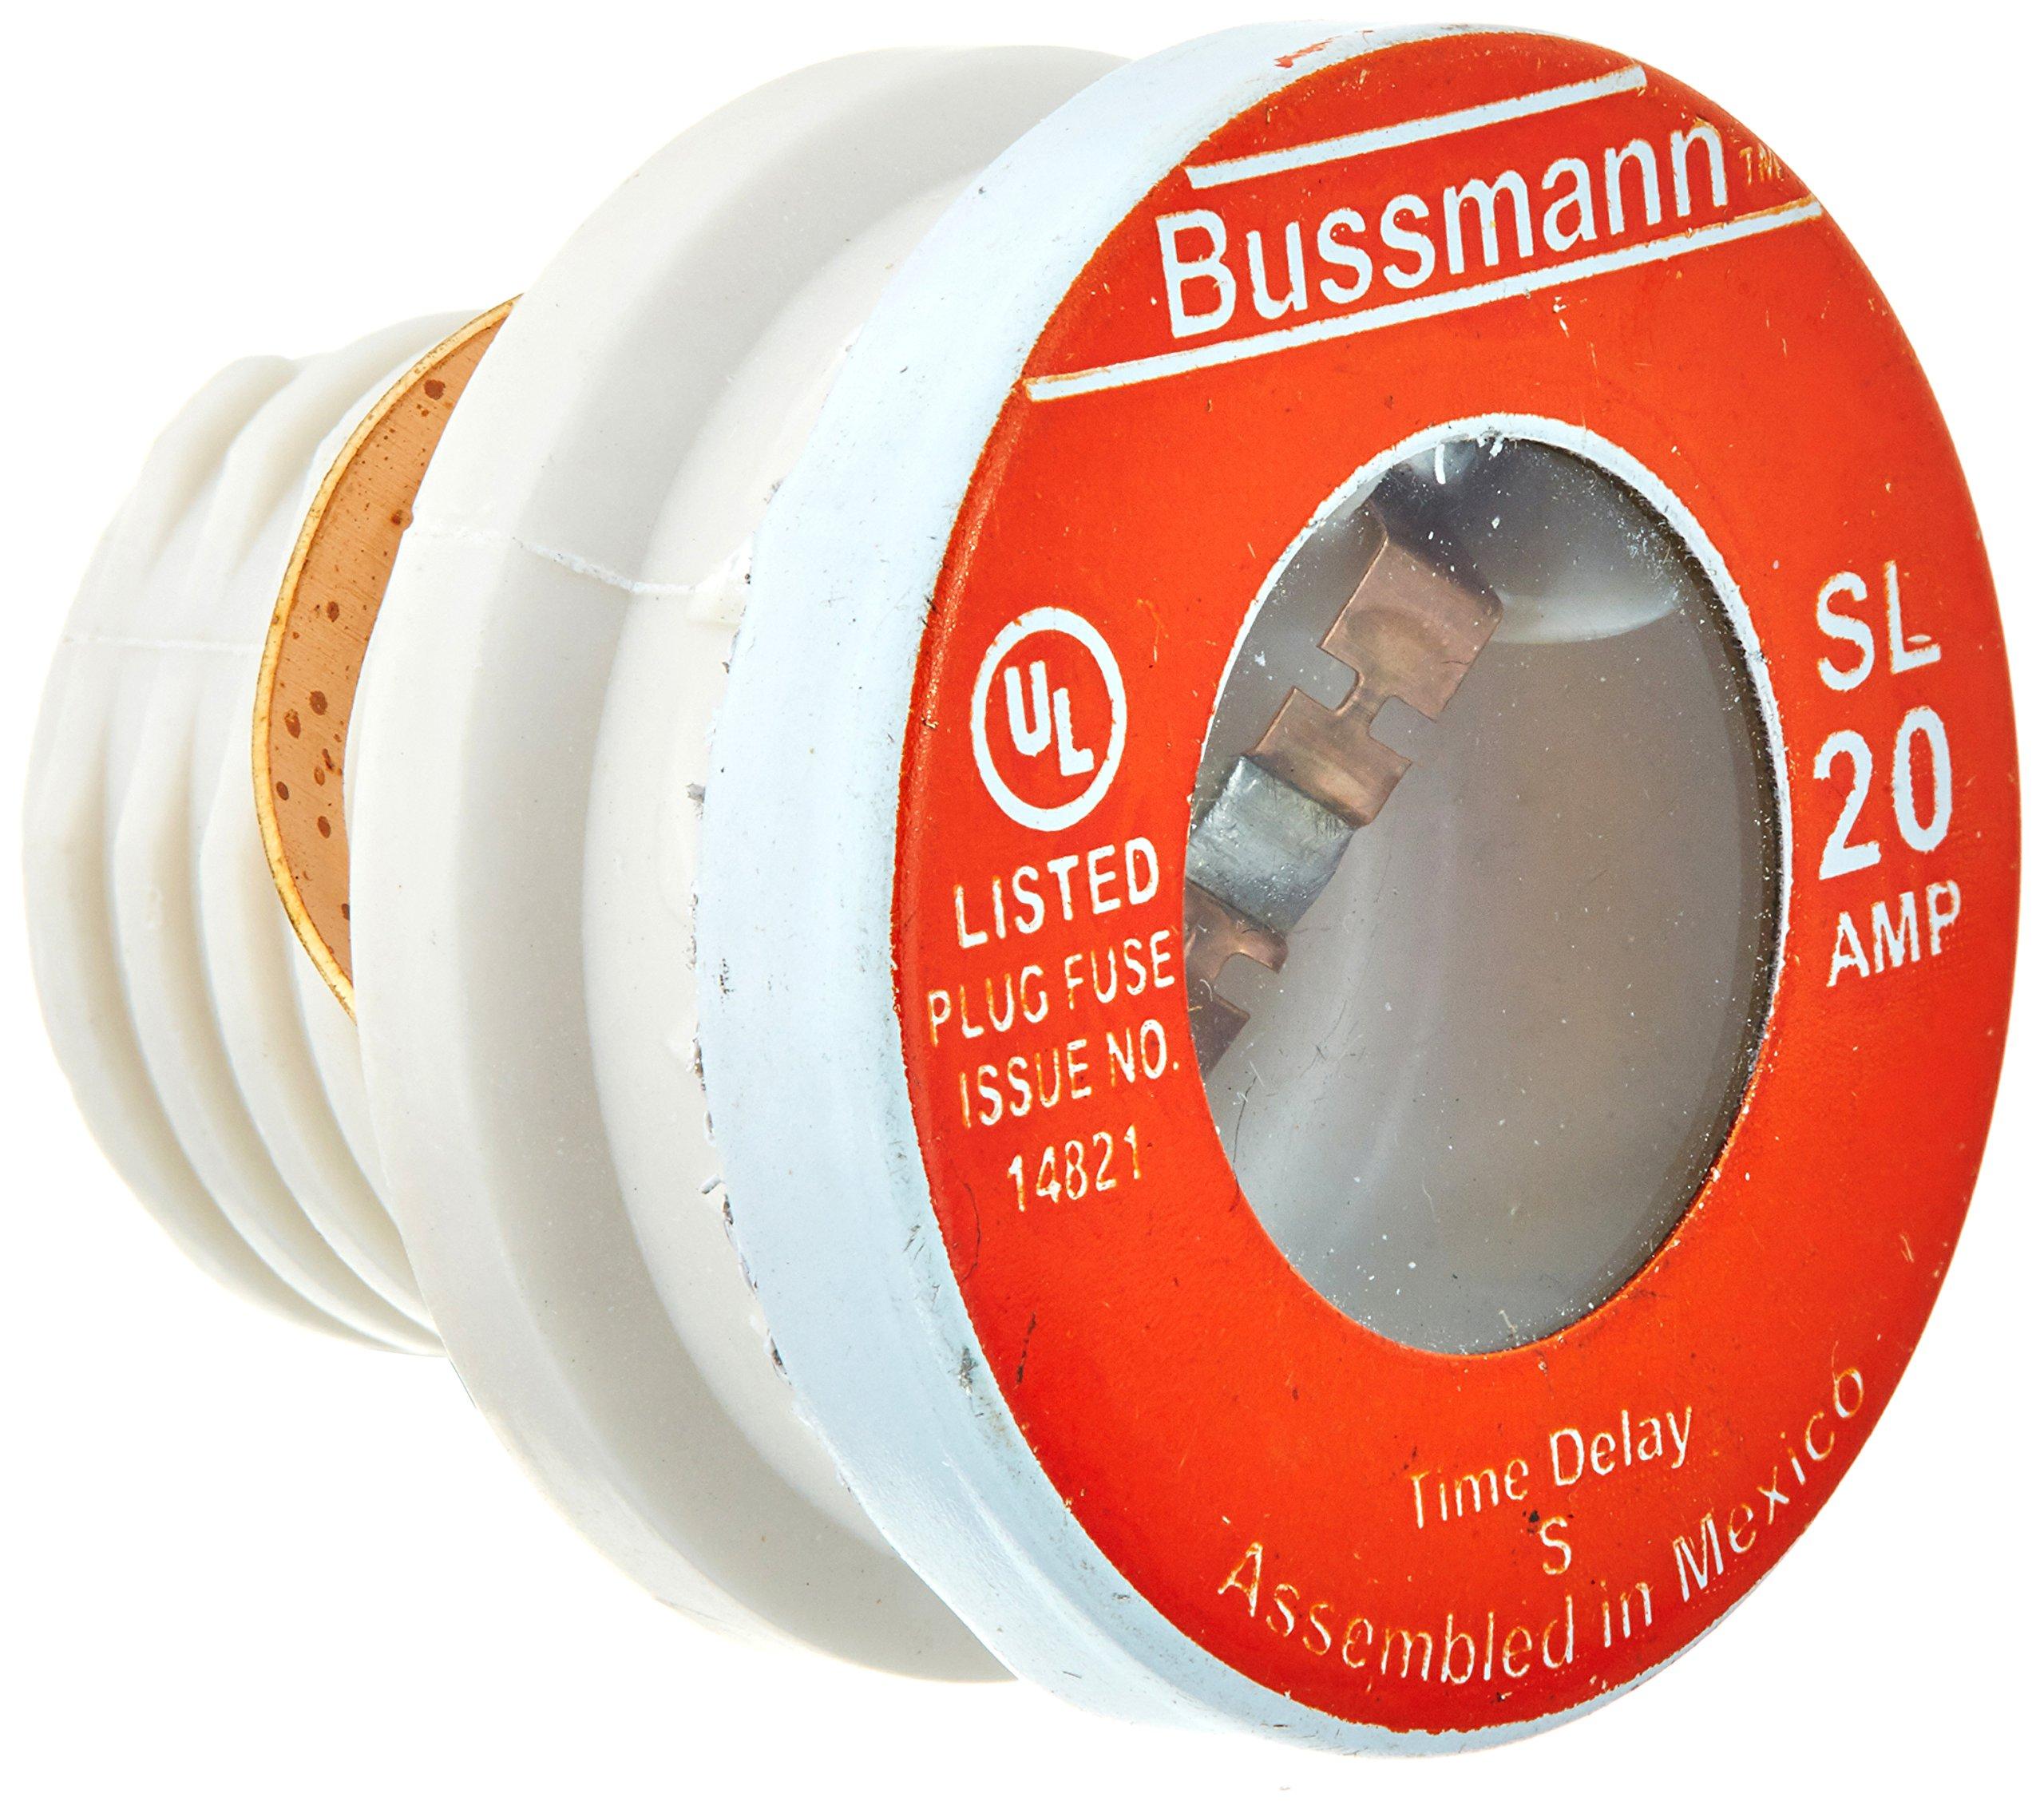 Bussmann SL-20 20 Amp Time Delay Loaded Link Rejection Base Plug Fuse, 125V